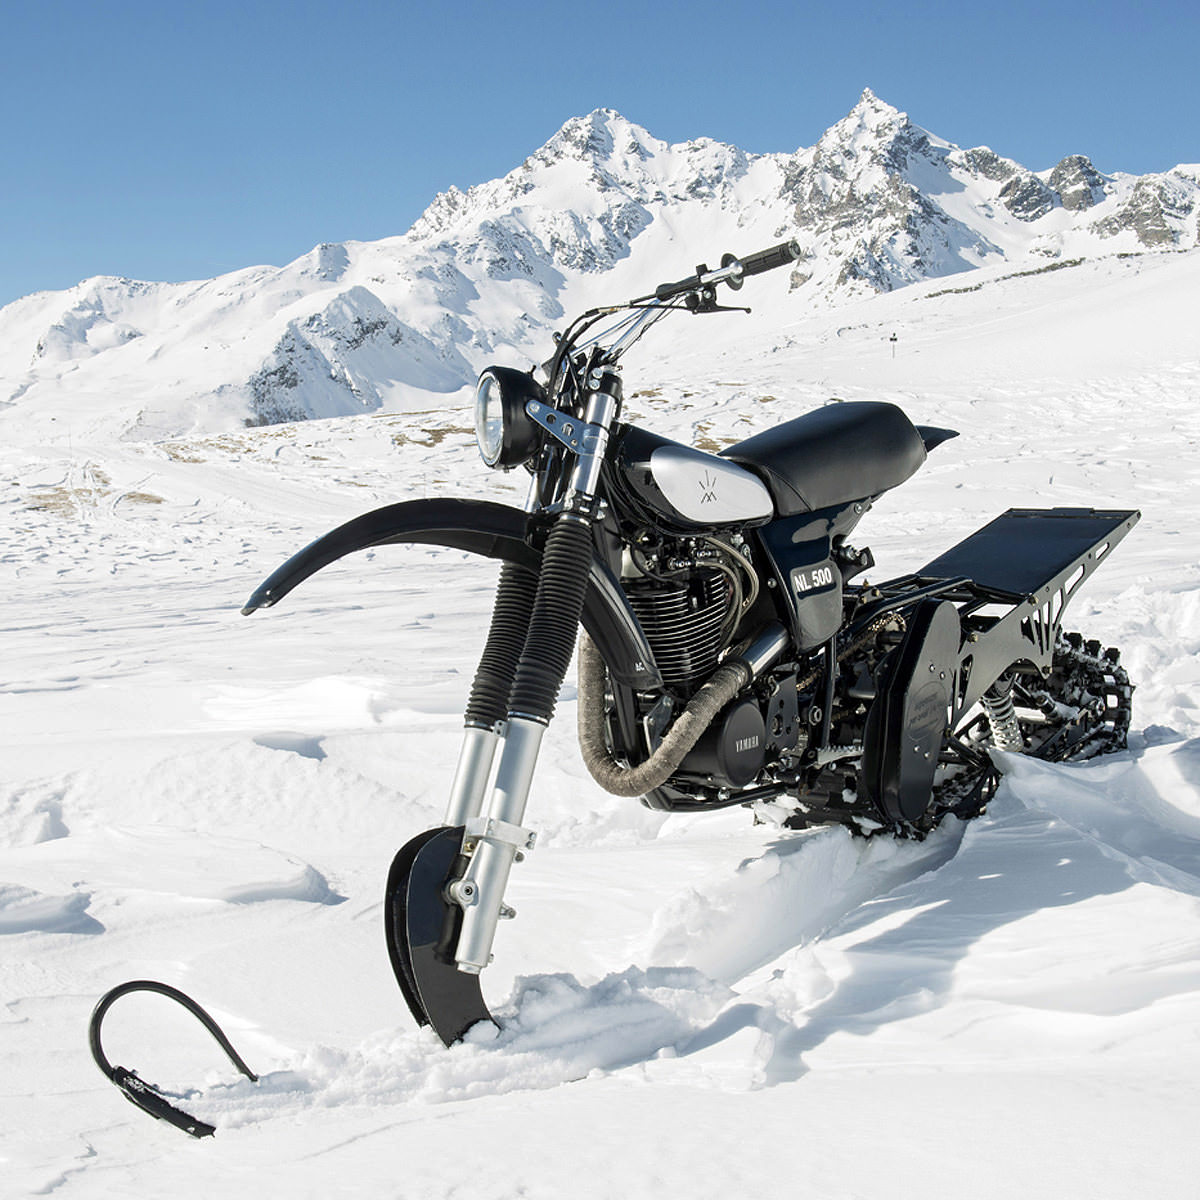 Sneeuwscooter crossmotor canada1